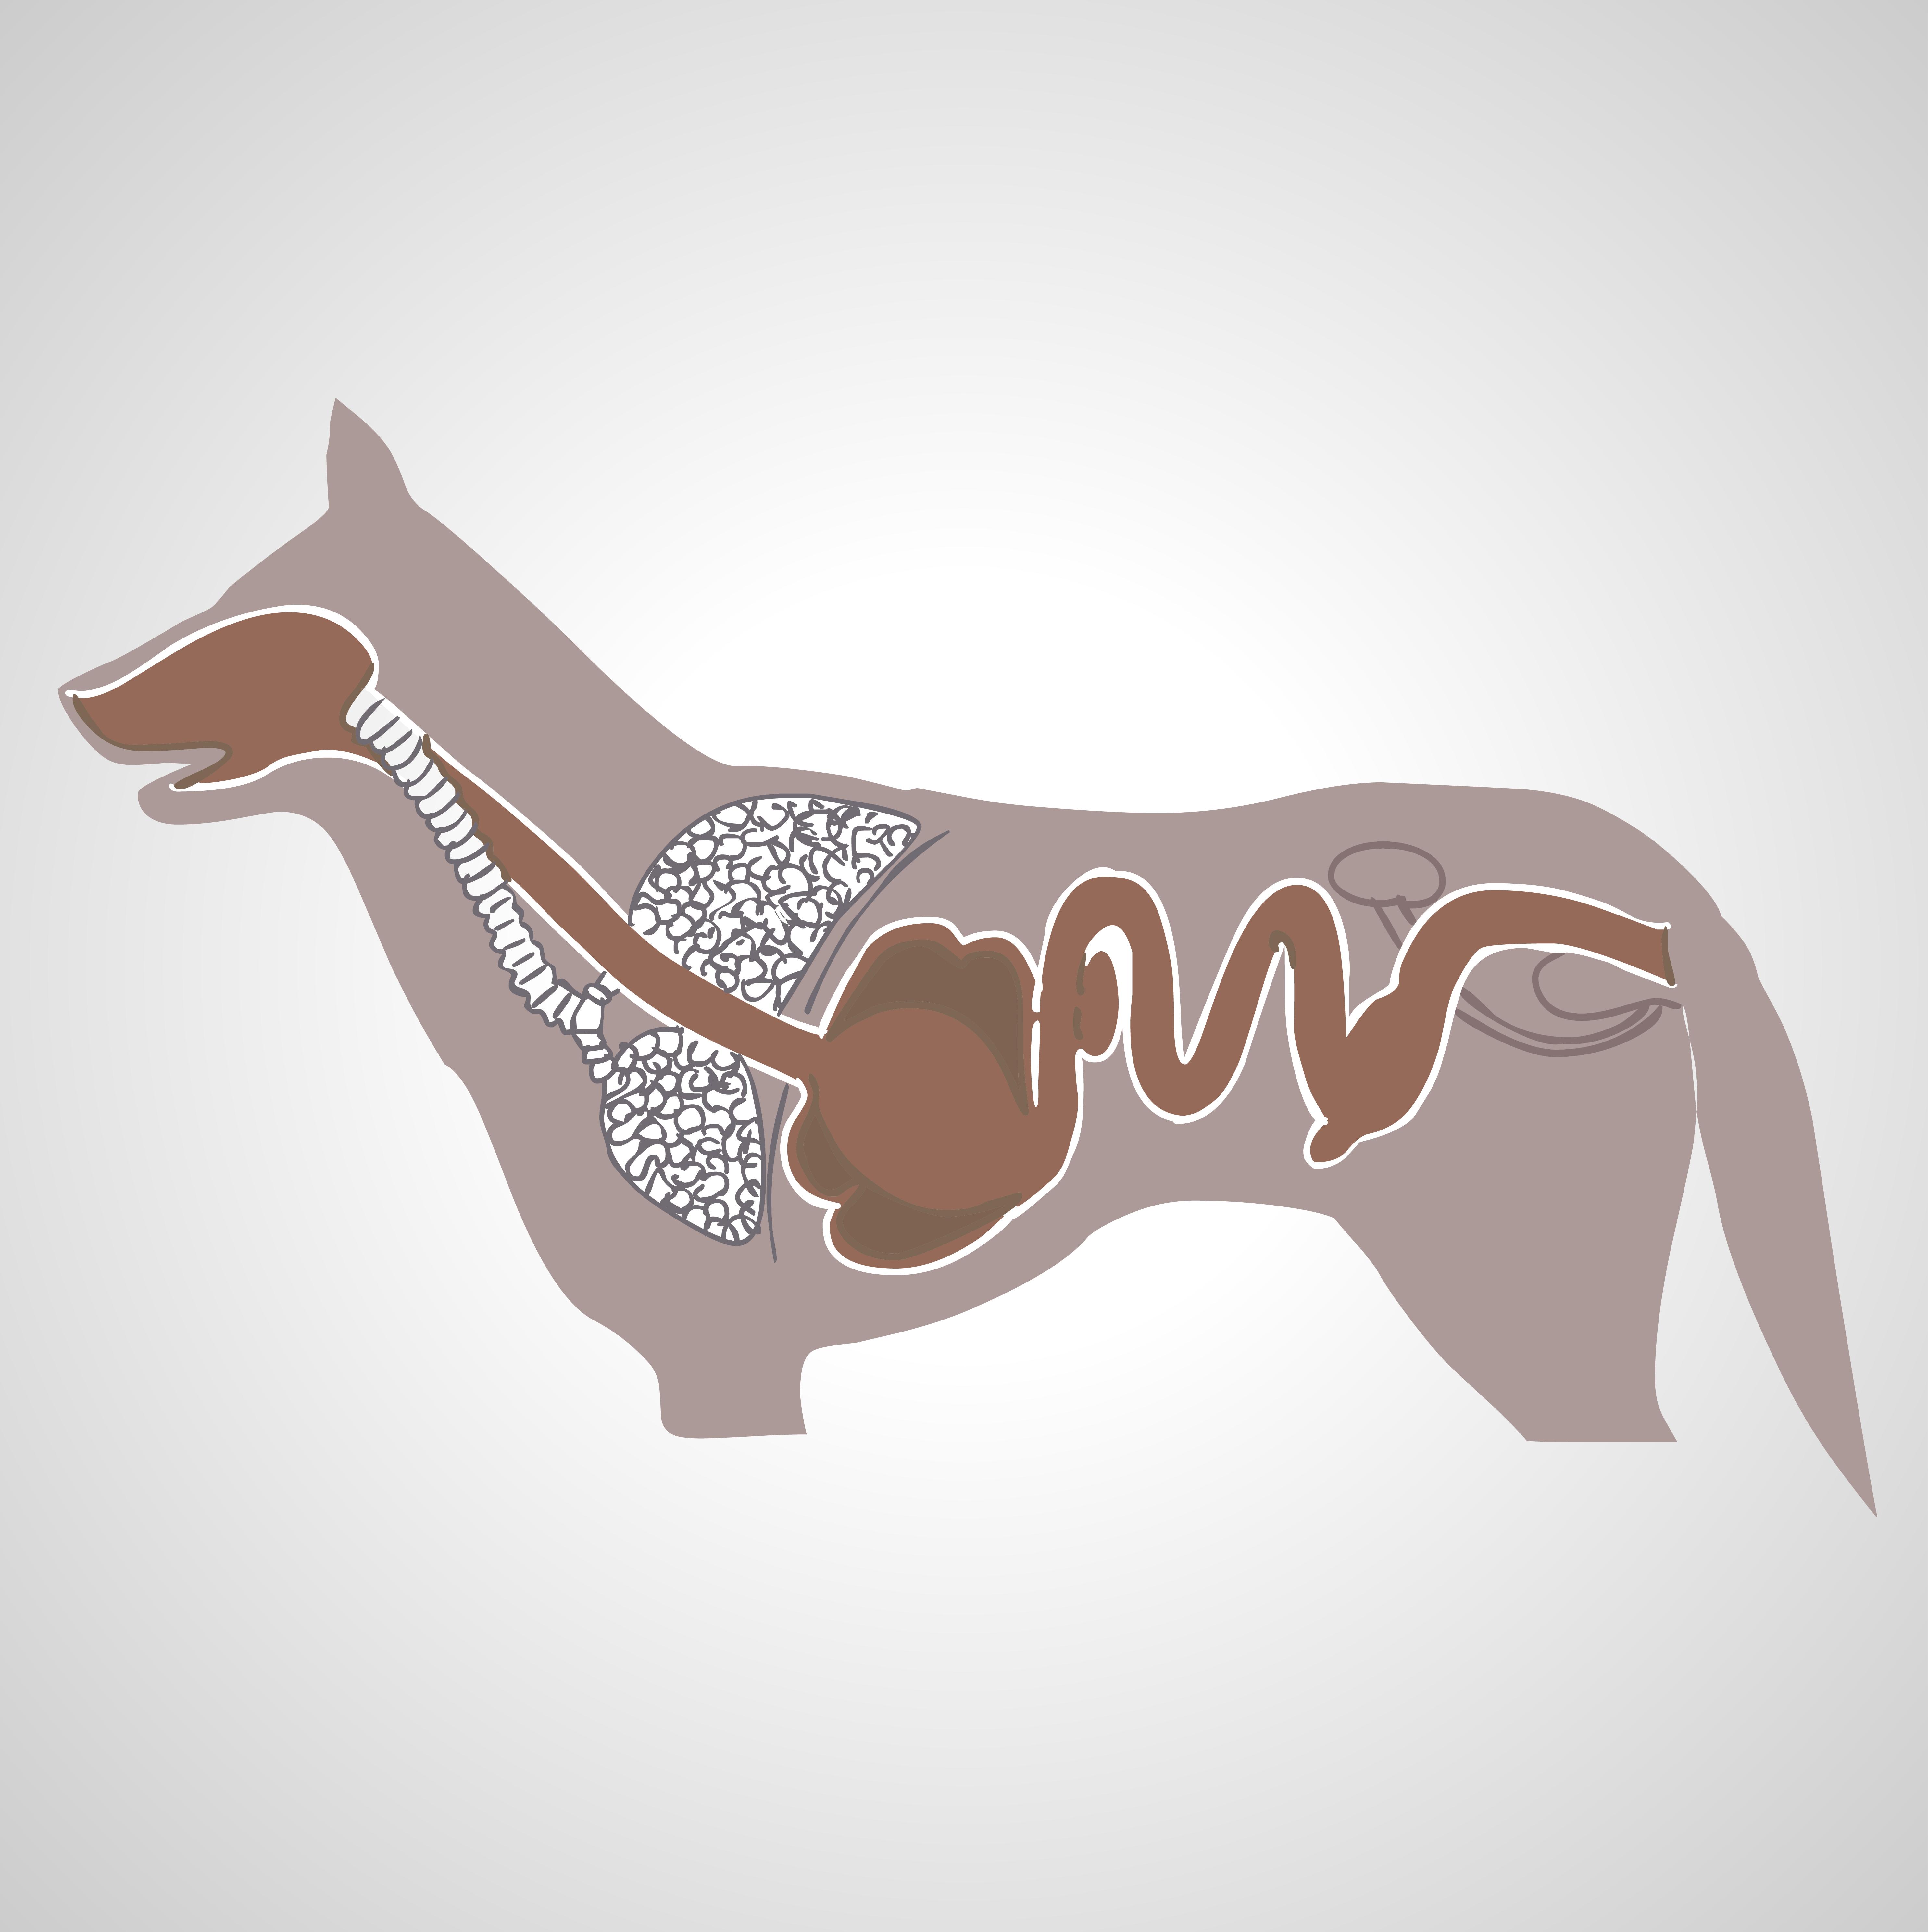 Proceso digestivo del perro